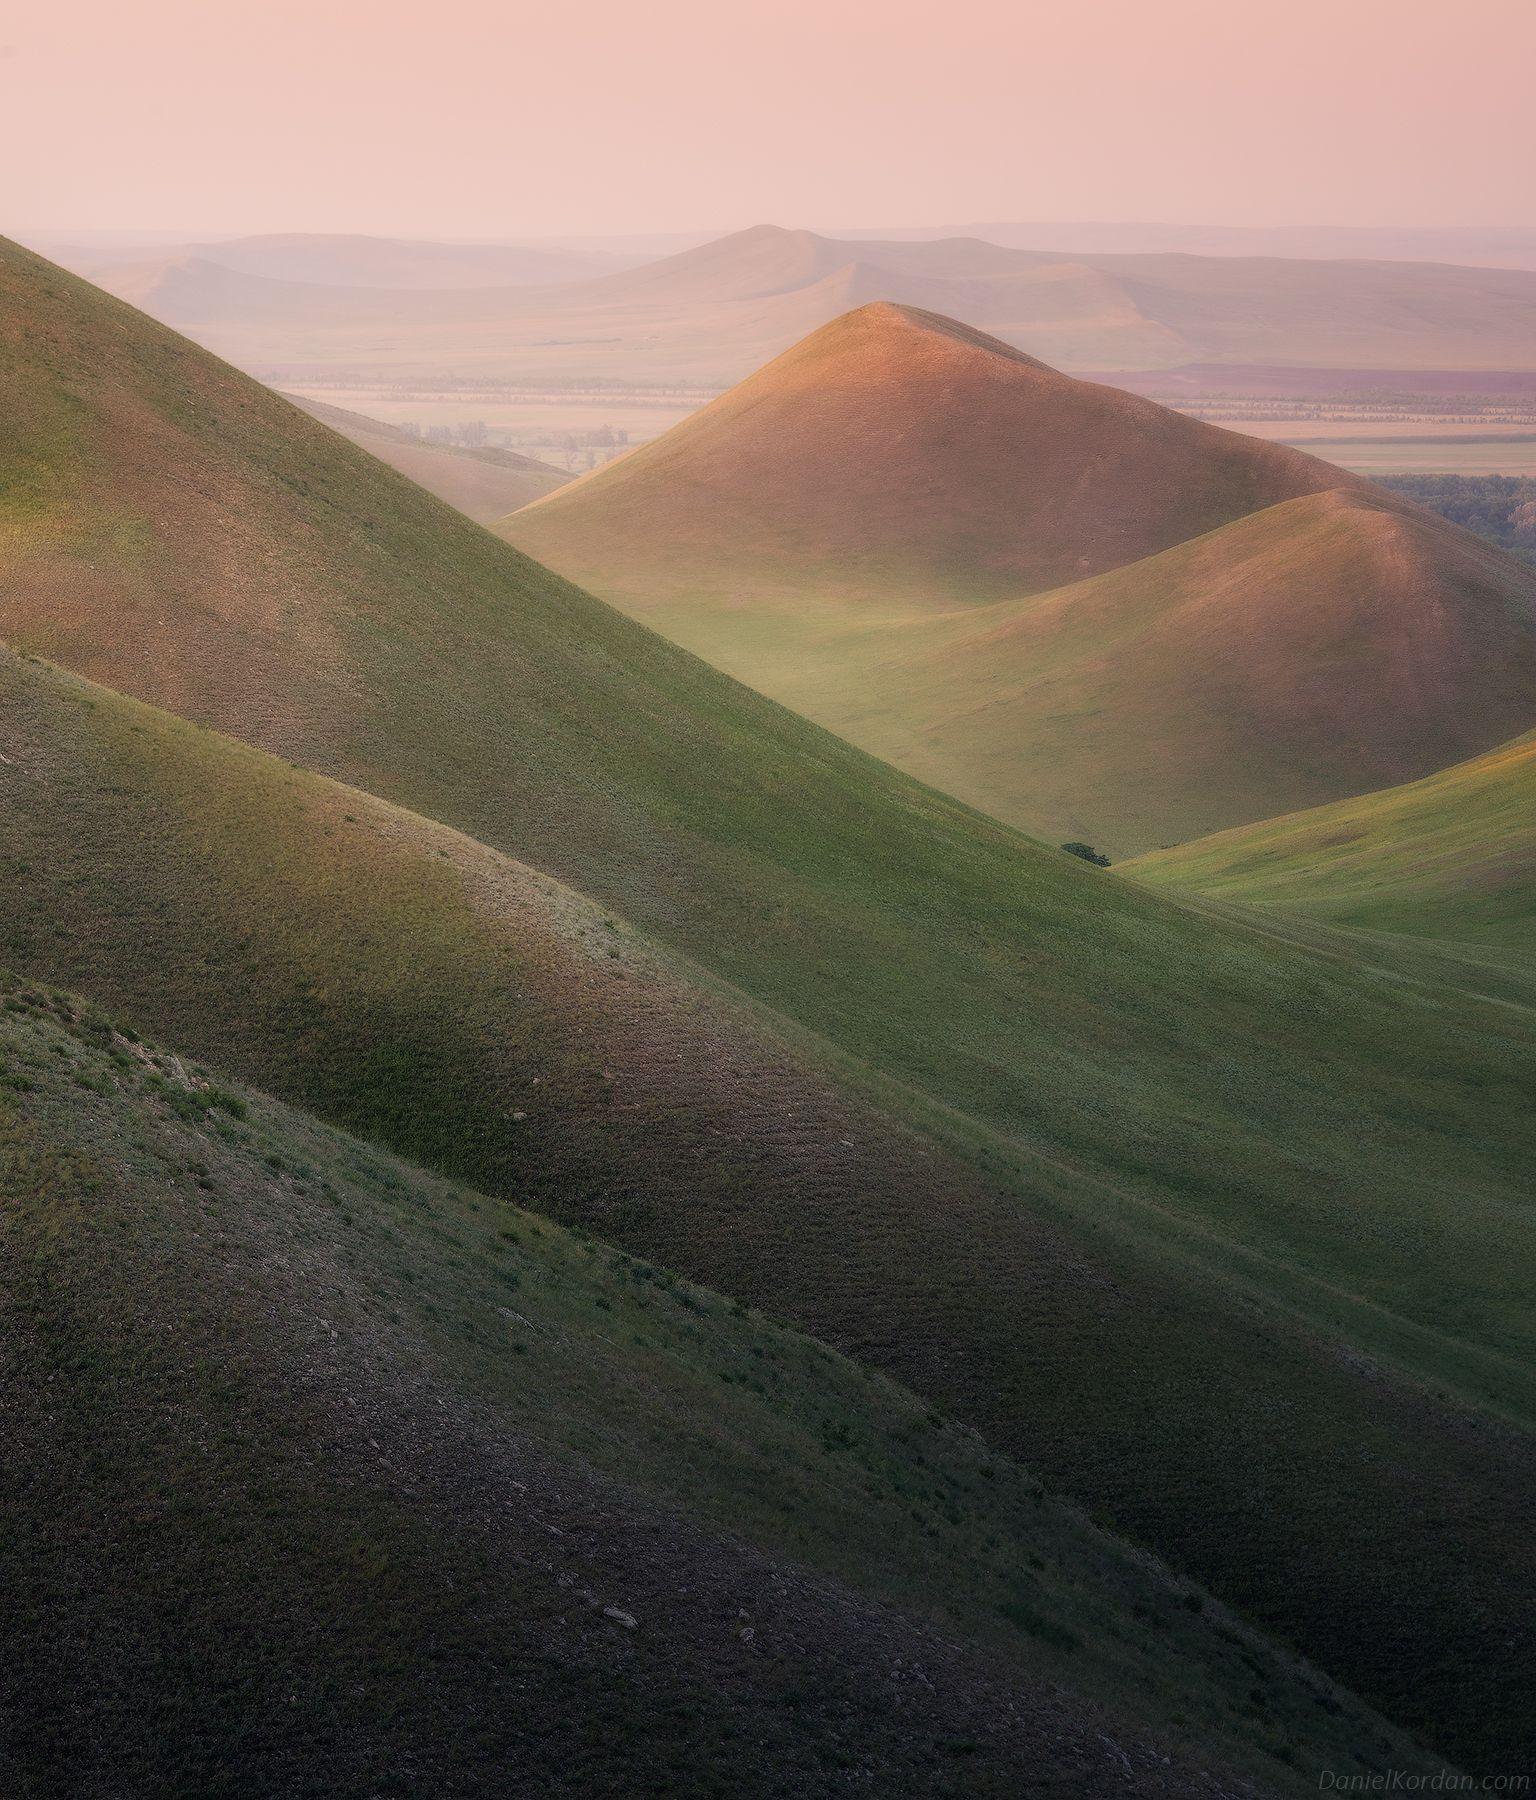 Оренбург, Карамурунтау, долгие горы, Даниил Коржонов